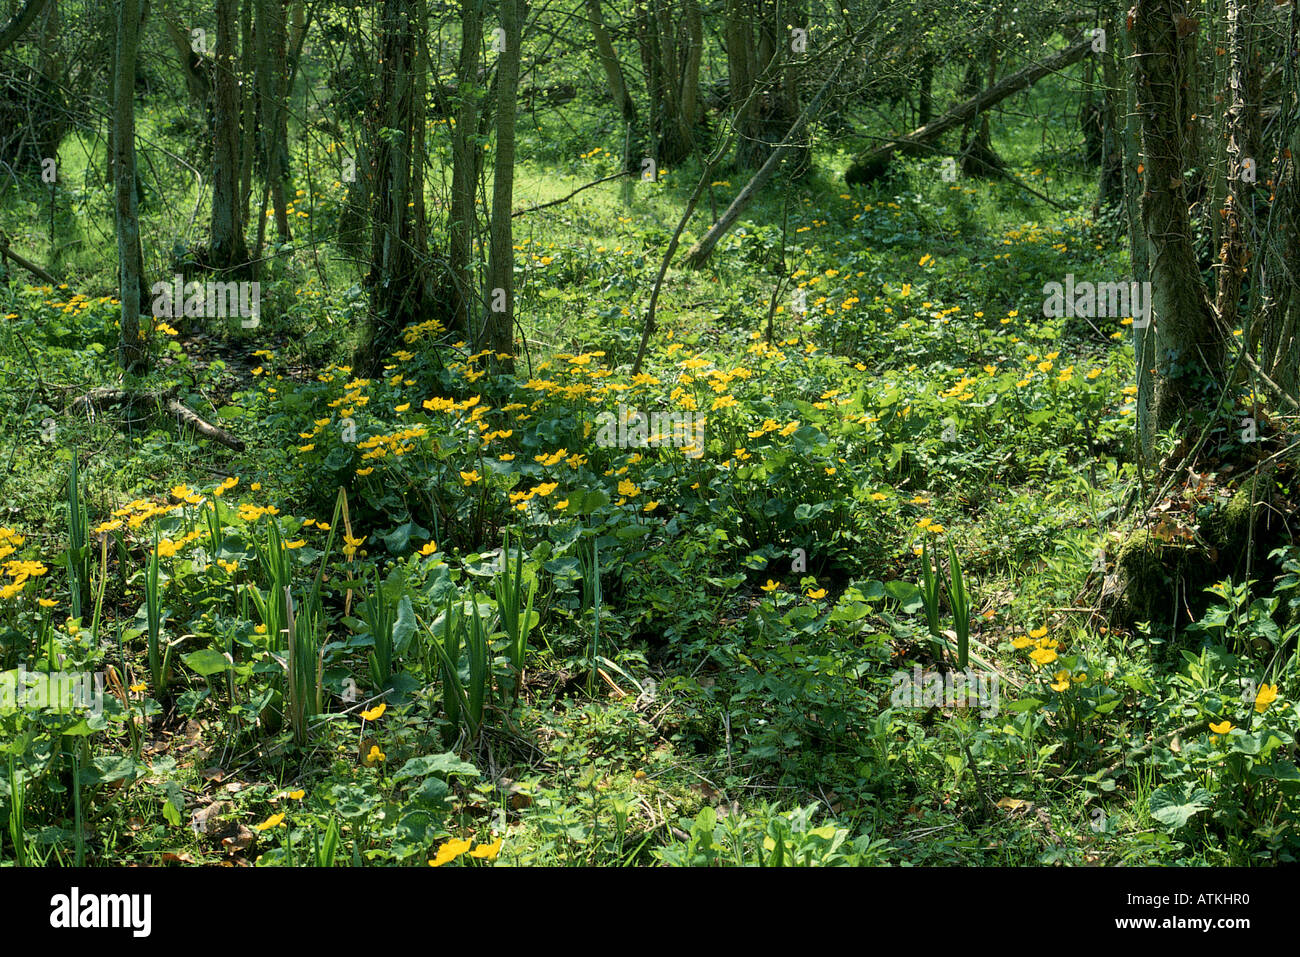 William Wordsworth Daffodils Stock Photos & William